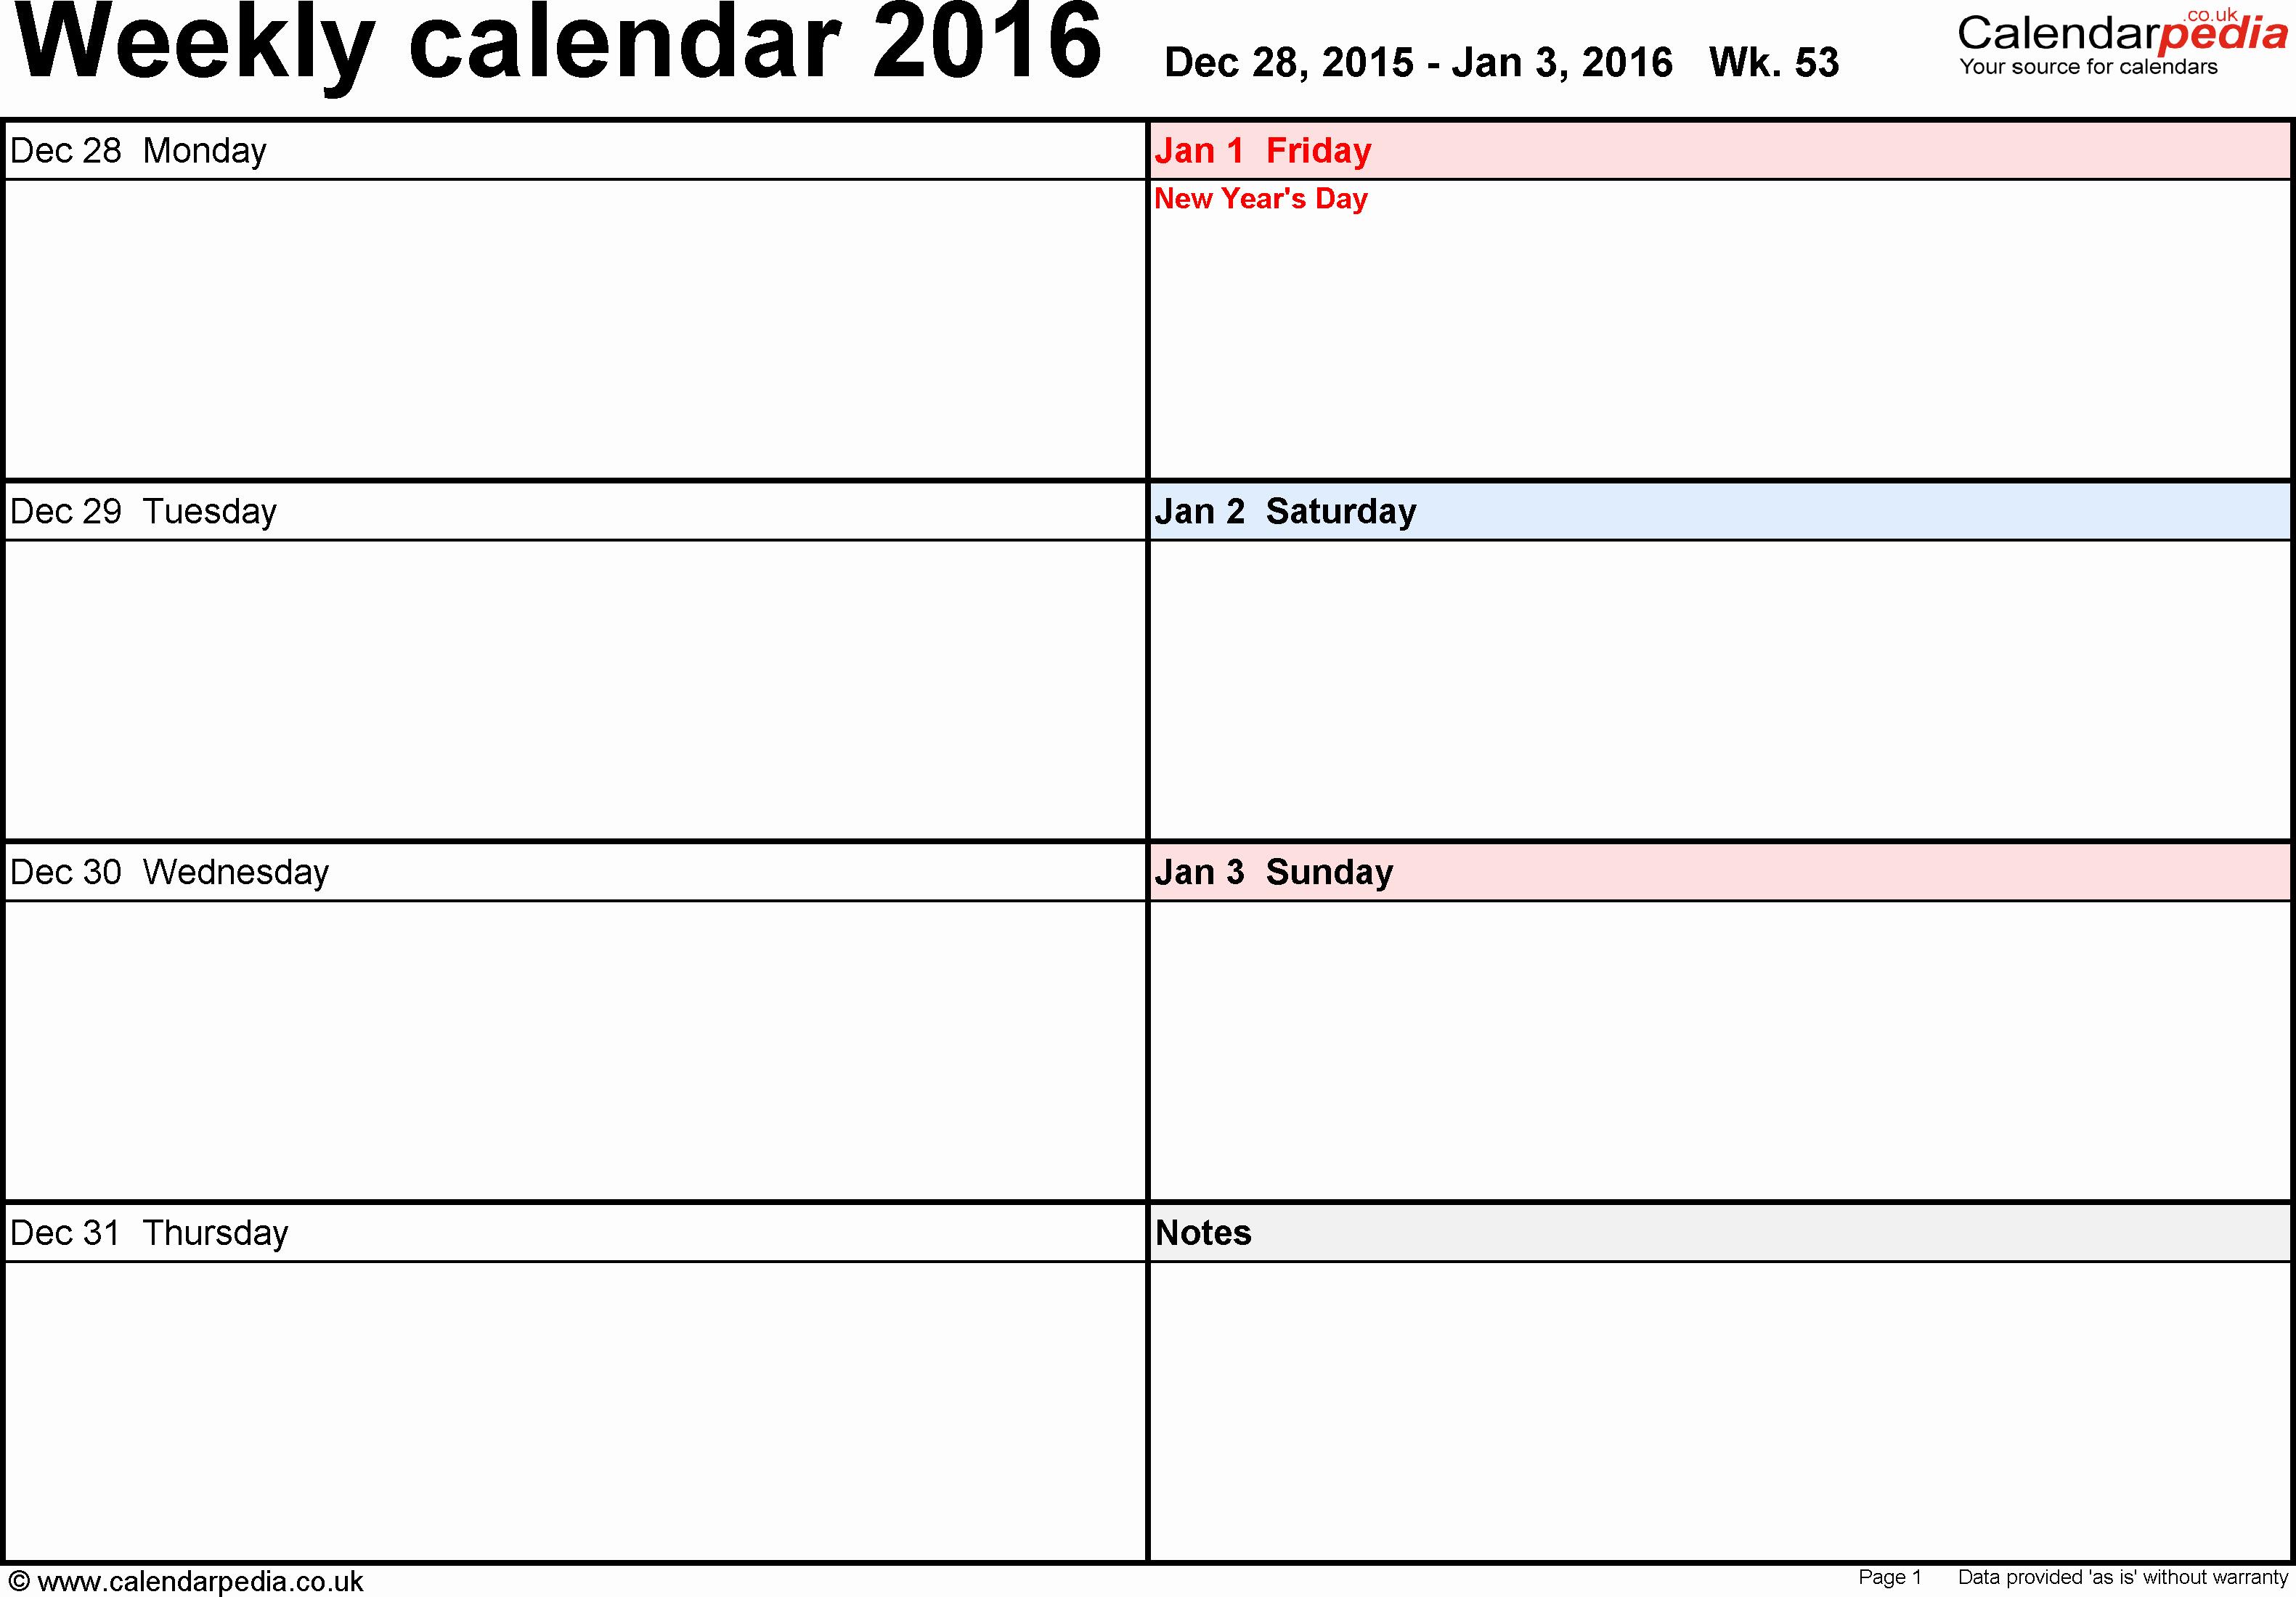 2 Week Calendar Template Word Elegant Weekly Calendar 2016 Uk Free Printable Templates for Word